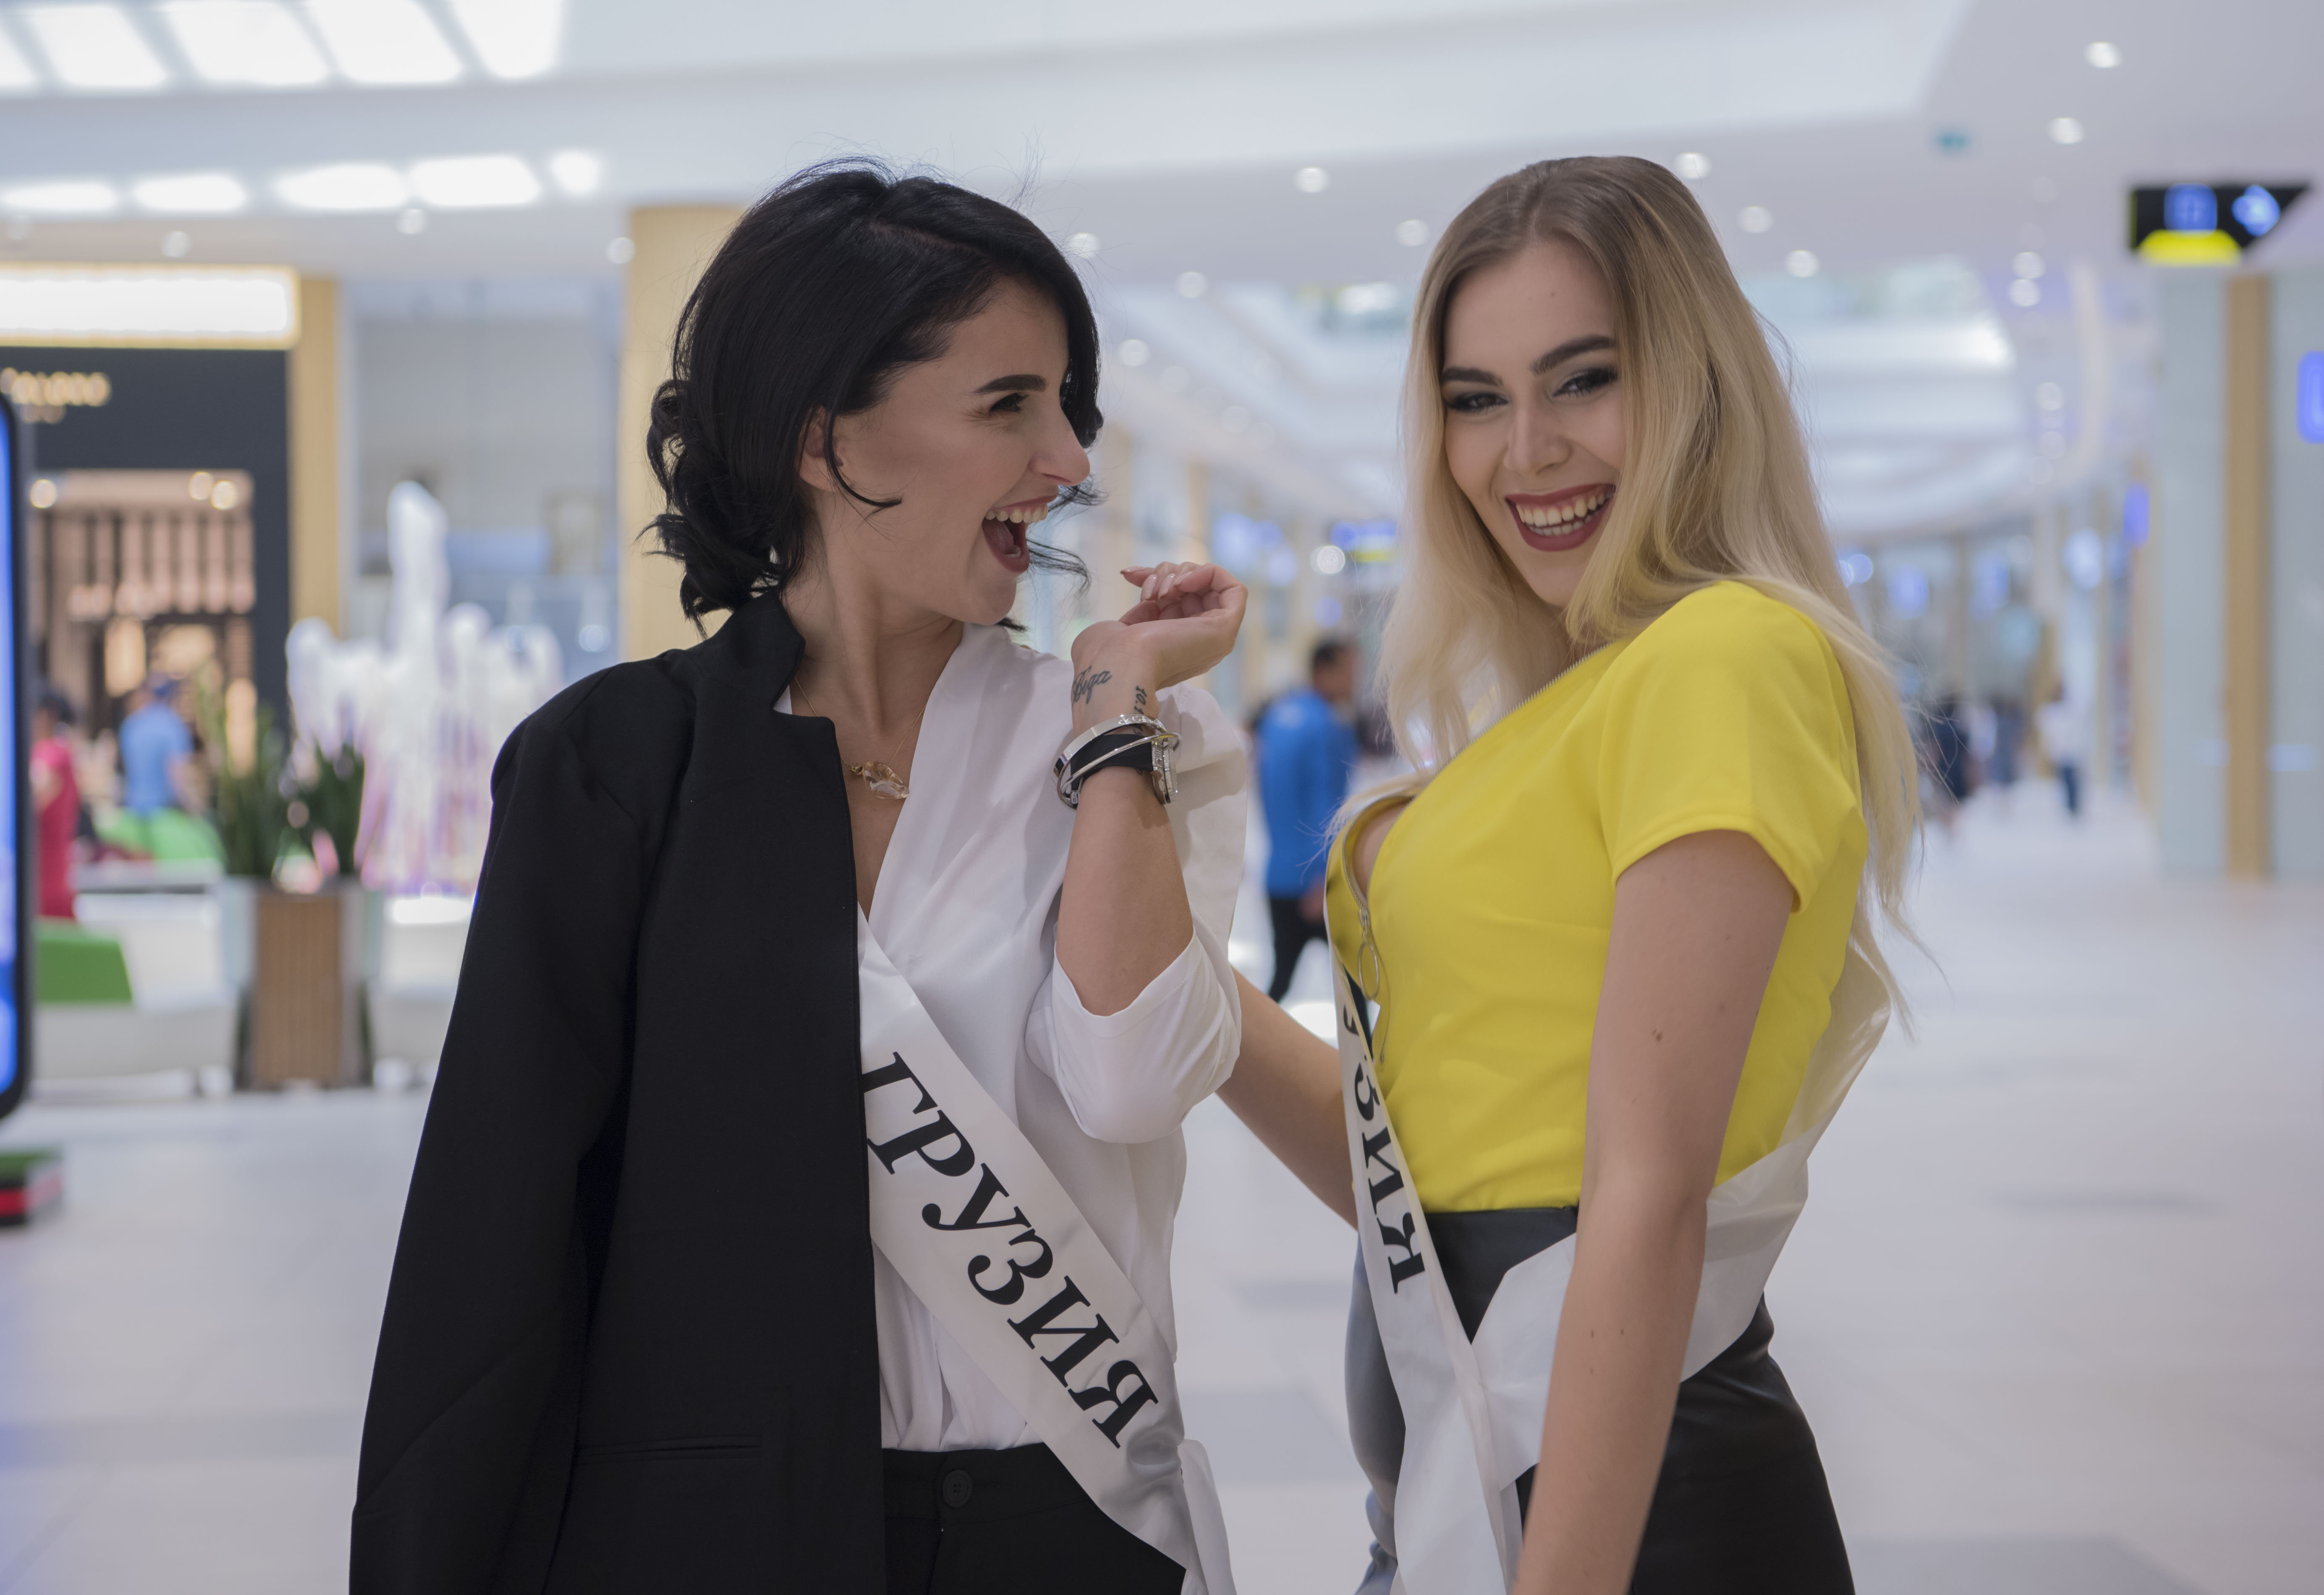 Конкурсантки из Грузии Лика Тория (слева) и Аннамария Качеишвили